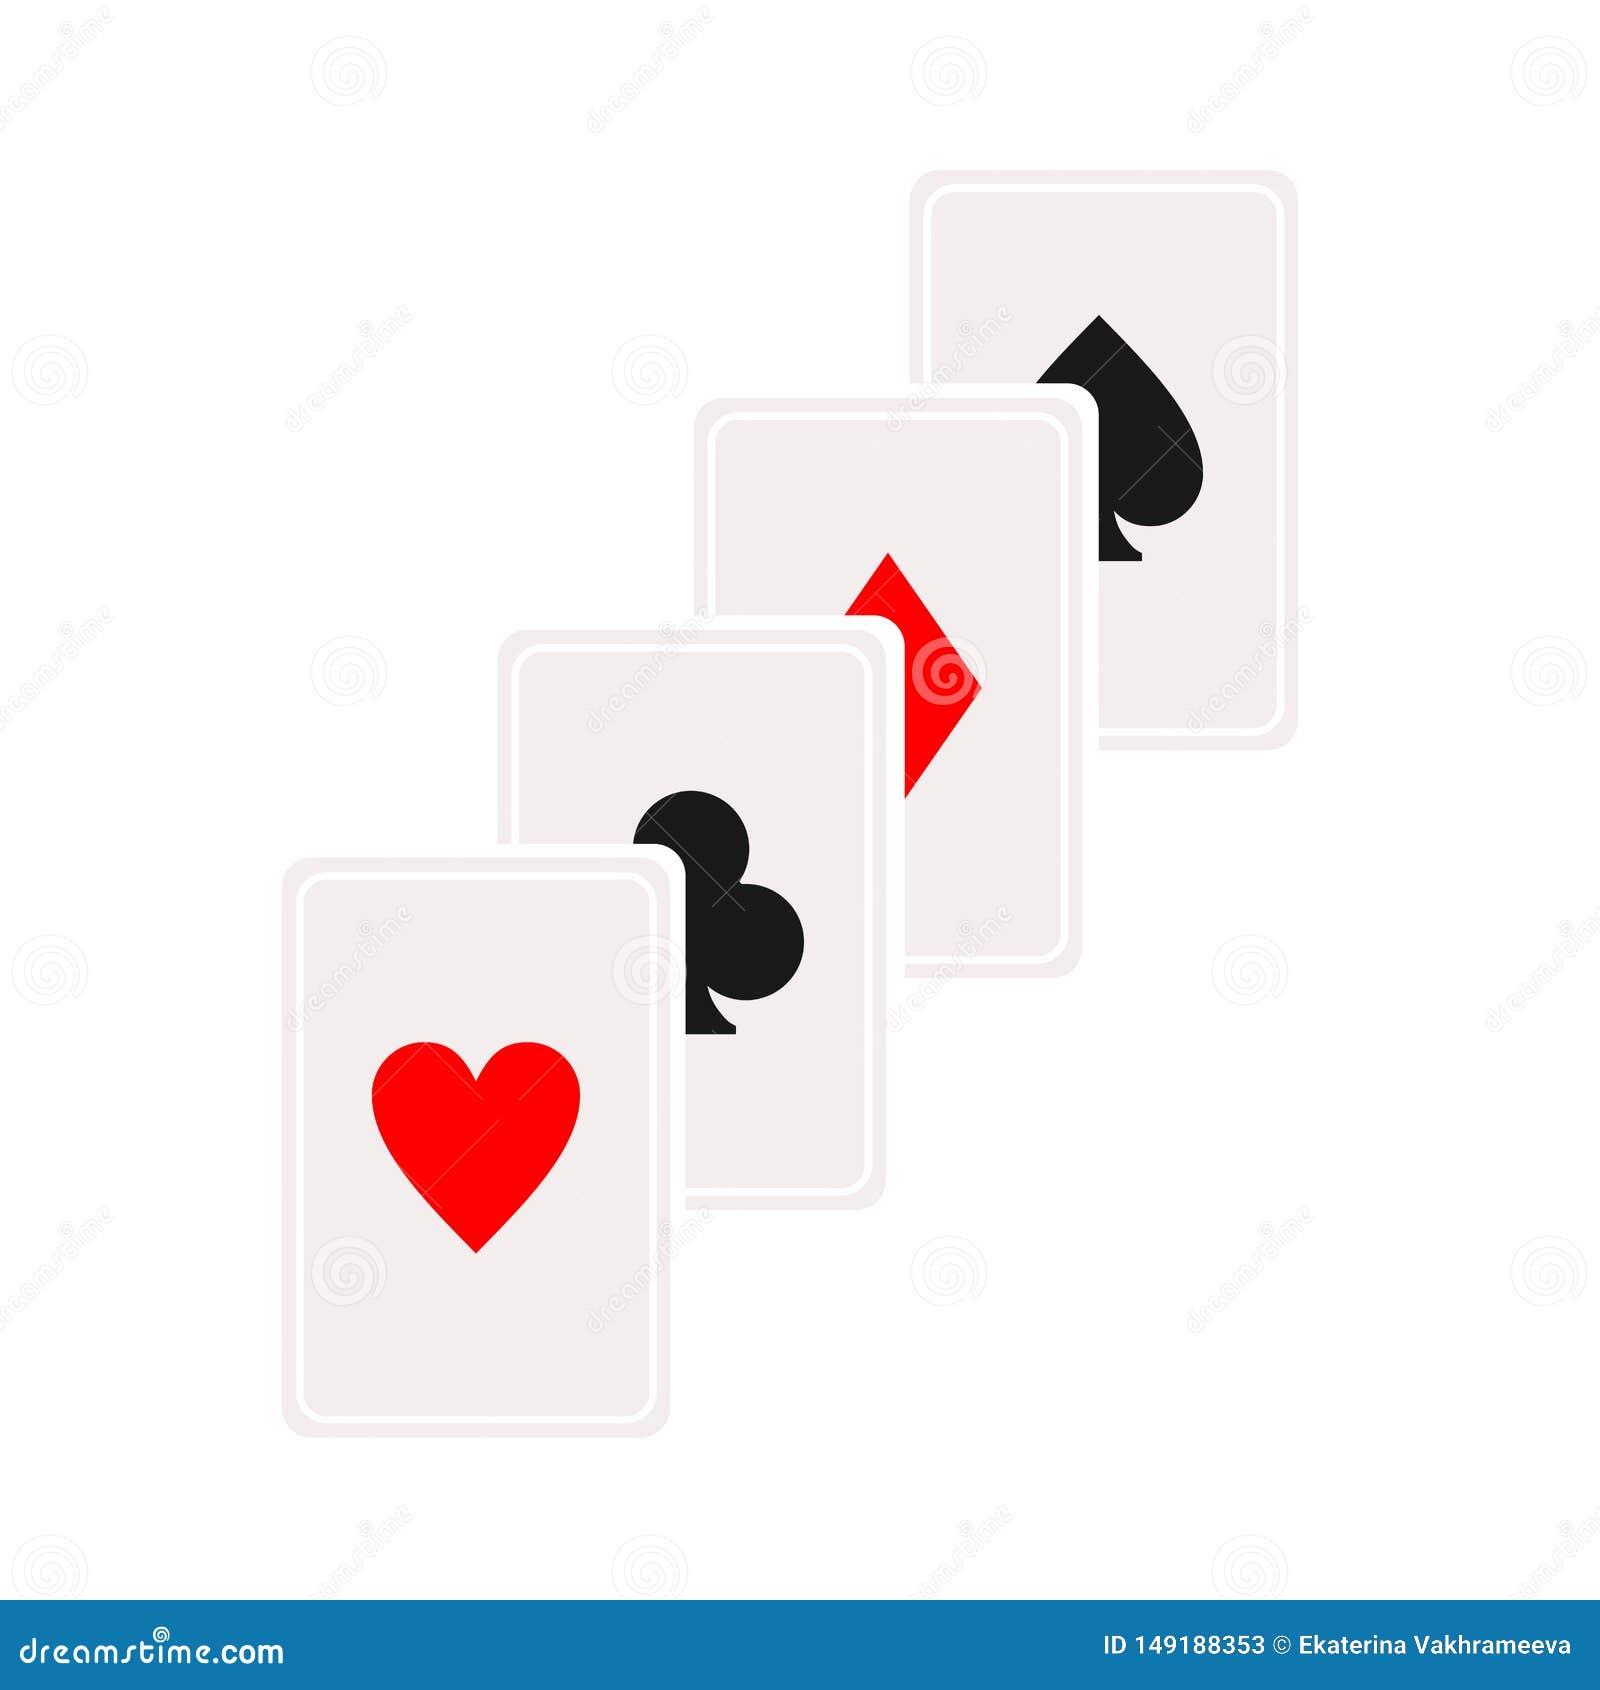 Εικονίδιο καρτών καταρρακτών Σύμβολο καρτών παιχνιδιού, απεικόνιση λογότυπων Διανυσματικός απομονώστε στο άσπρο υπόβαθρο Σημάδι χ